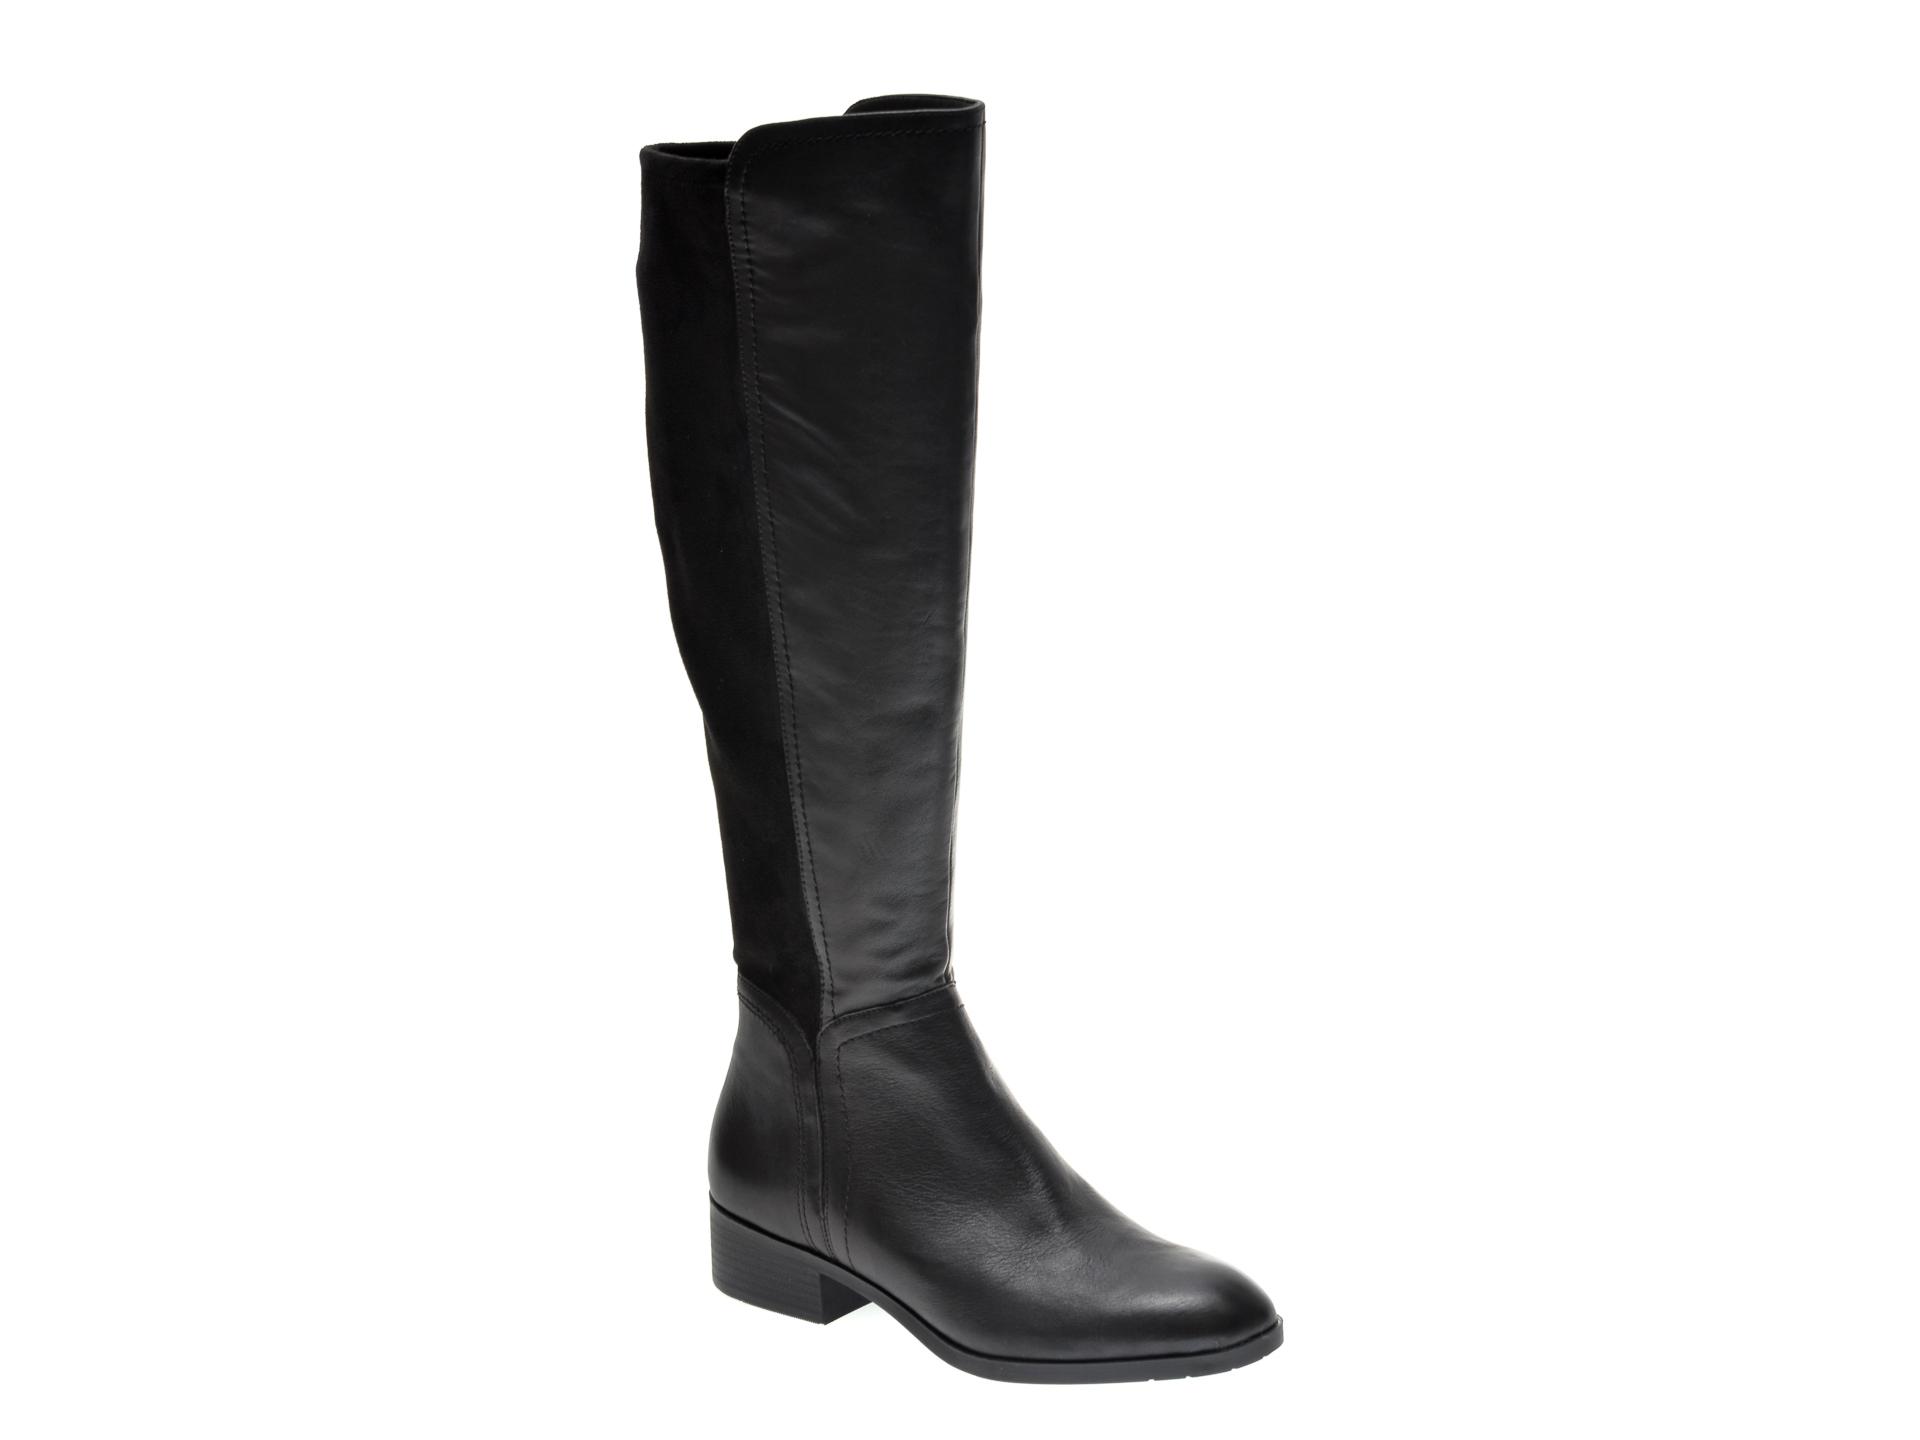 Cizme ALDO negre, Gweacia001, din material textil si piele naturala imagine otter.ro